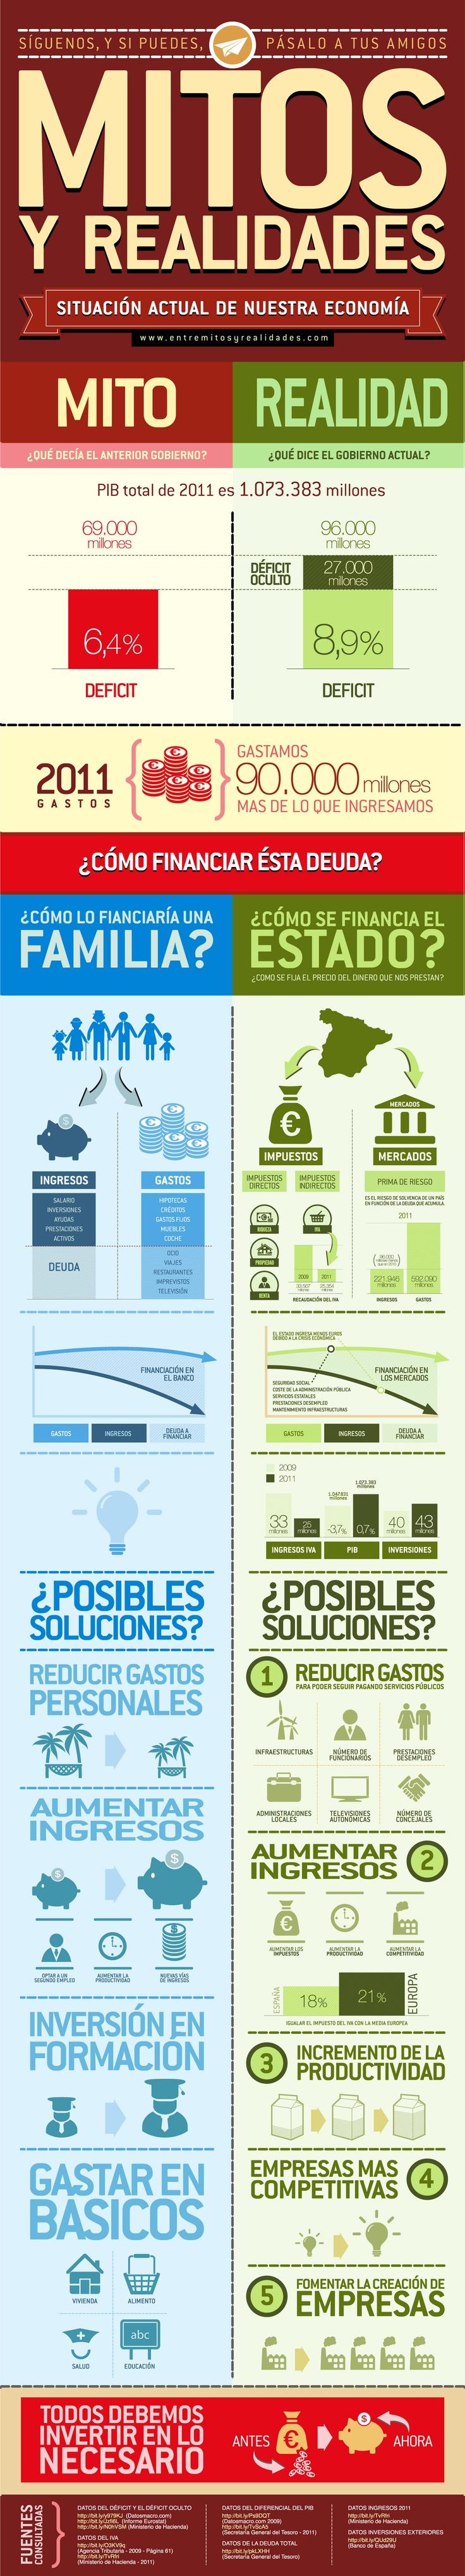 Os dejamos una infografía que ayudará a entender por qué hemos llegado a la situación económica en la que nos encontramos.